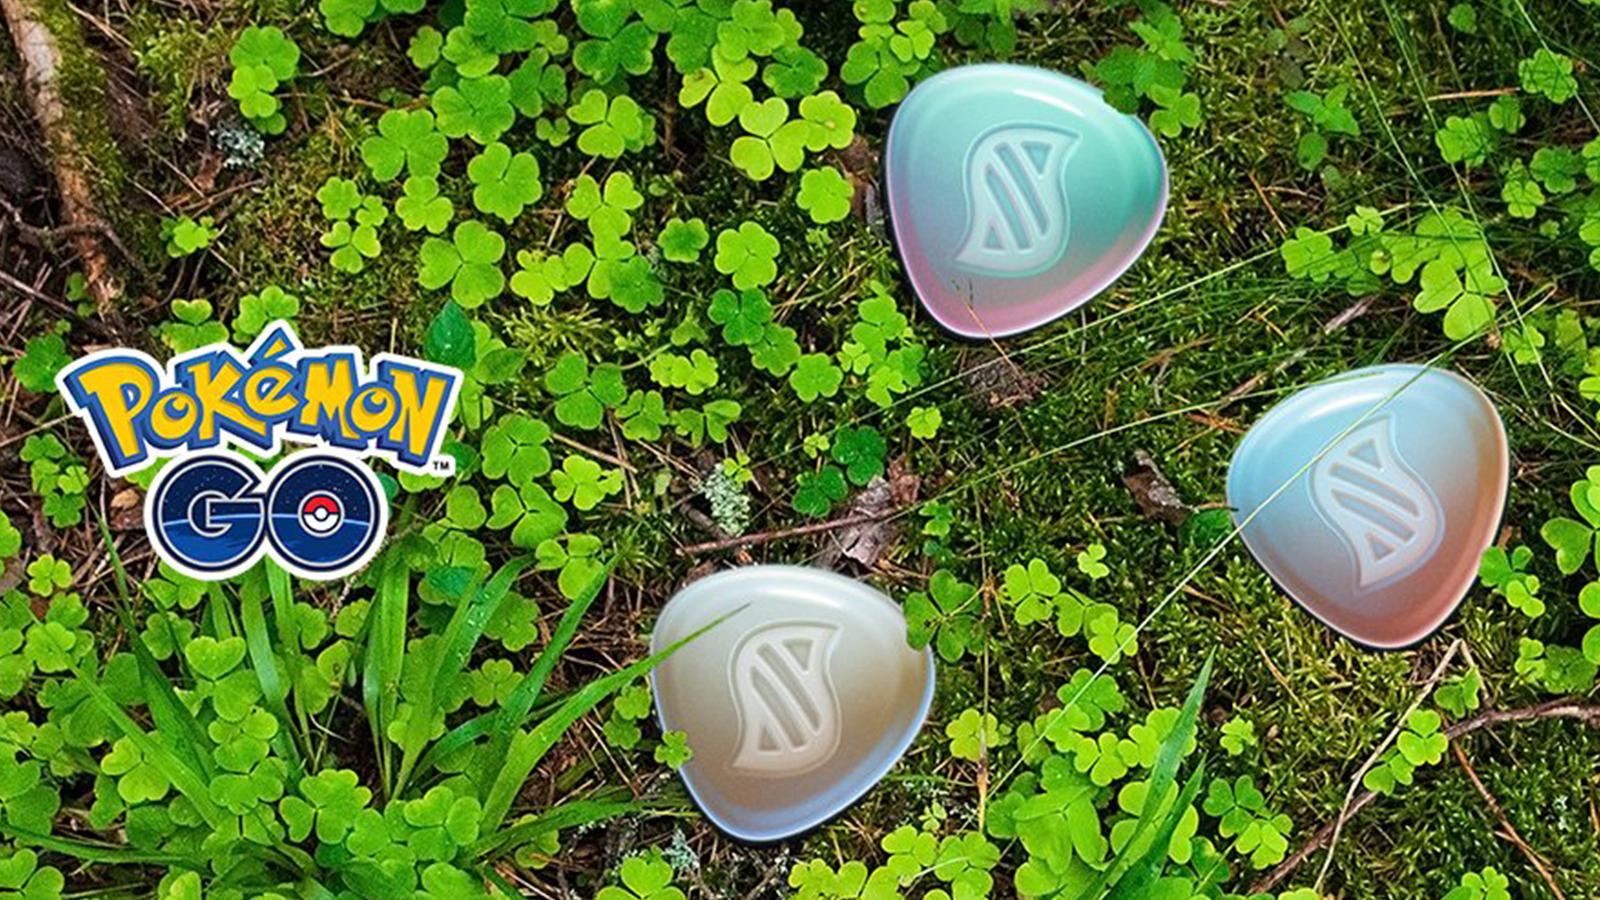 Pokemon Go Mega Altaria Raids